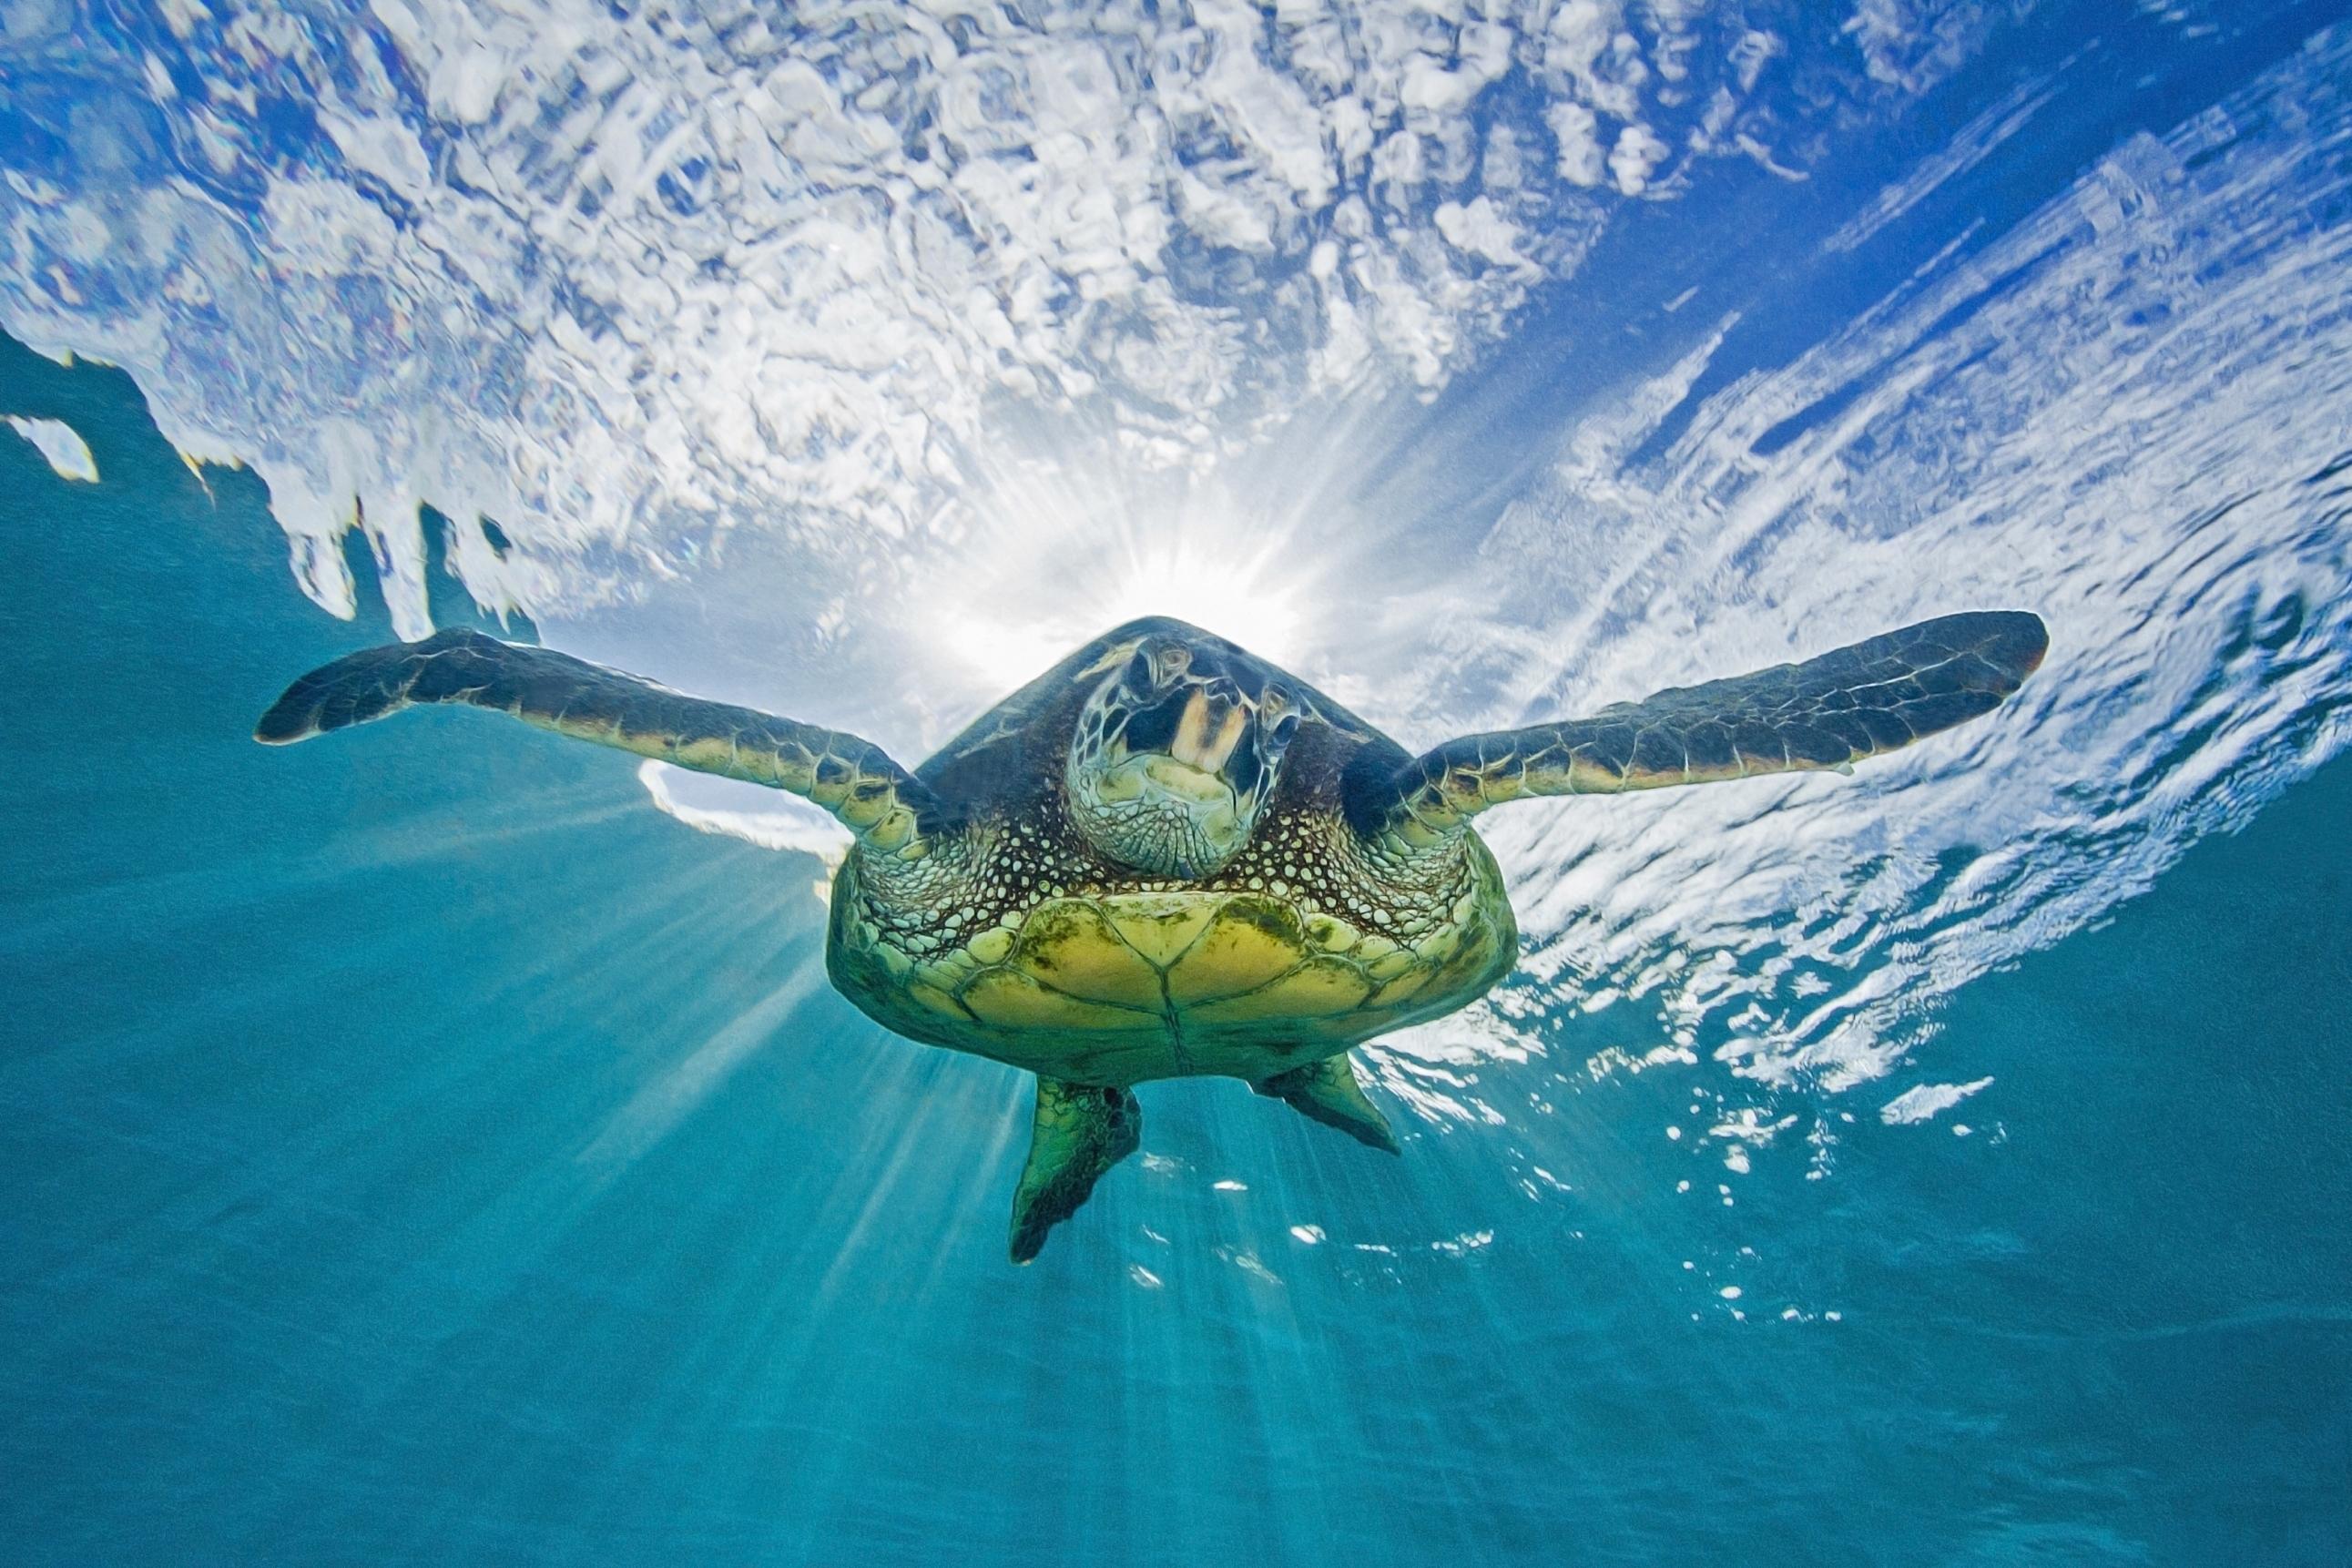 Картинка: Черепаха, плавает, свет, поверхность, океан, небо, под водой